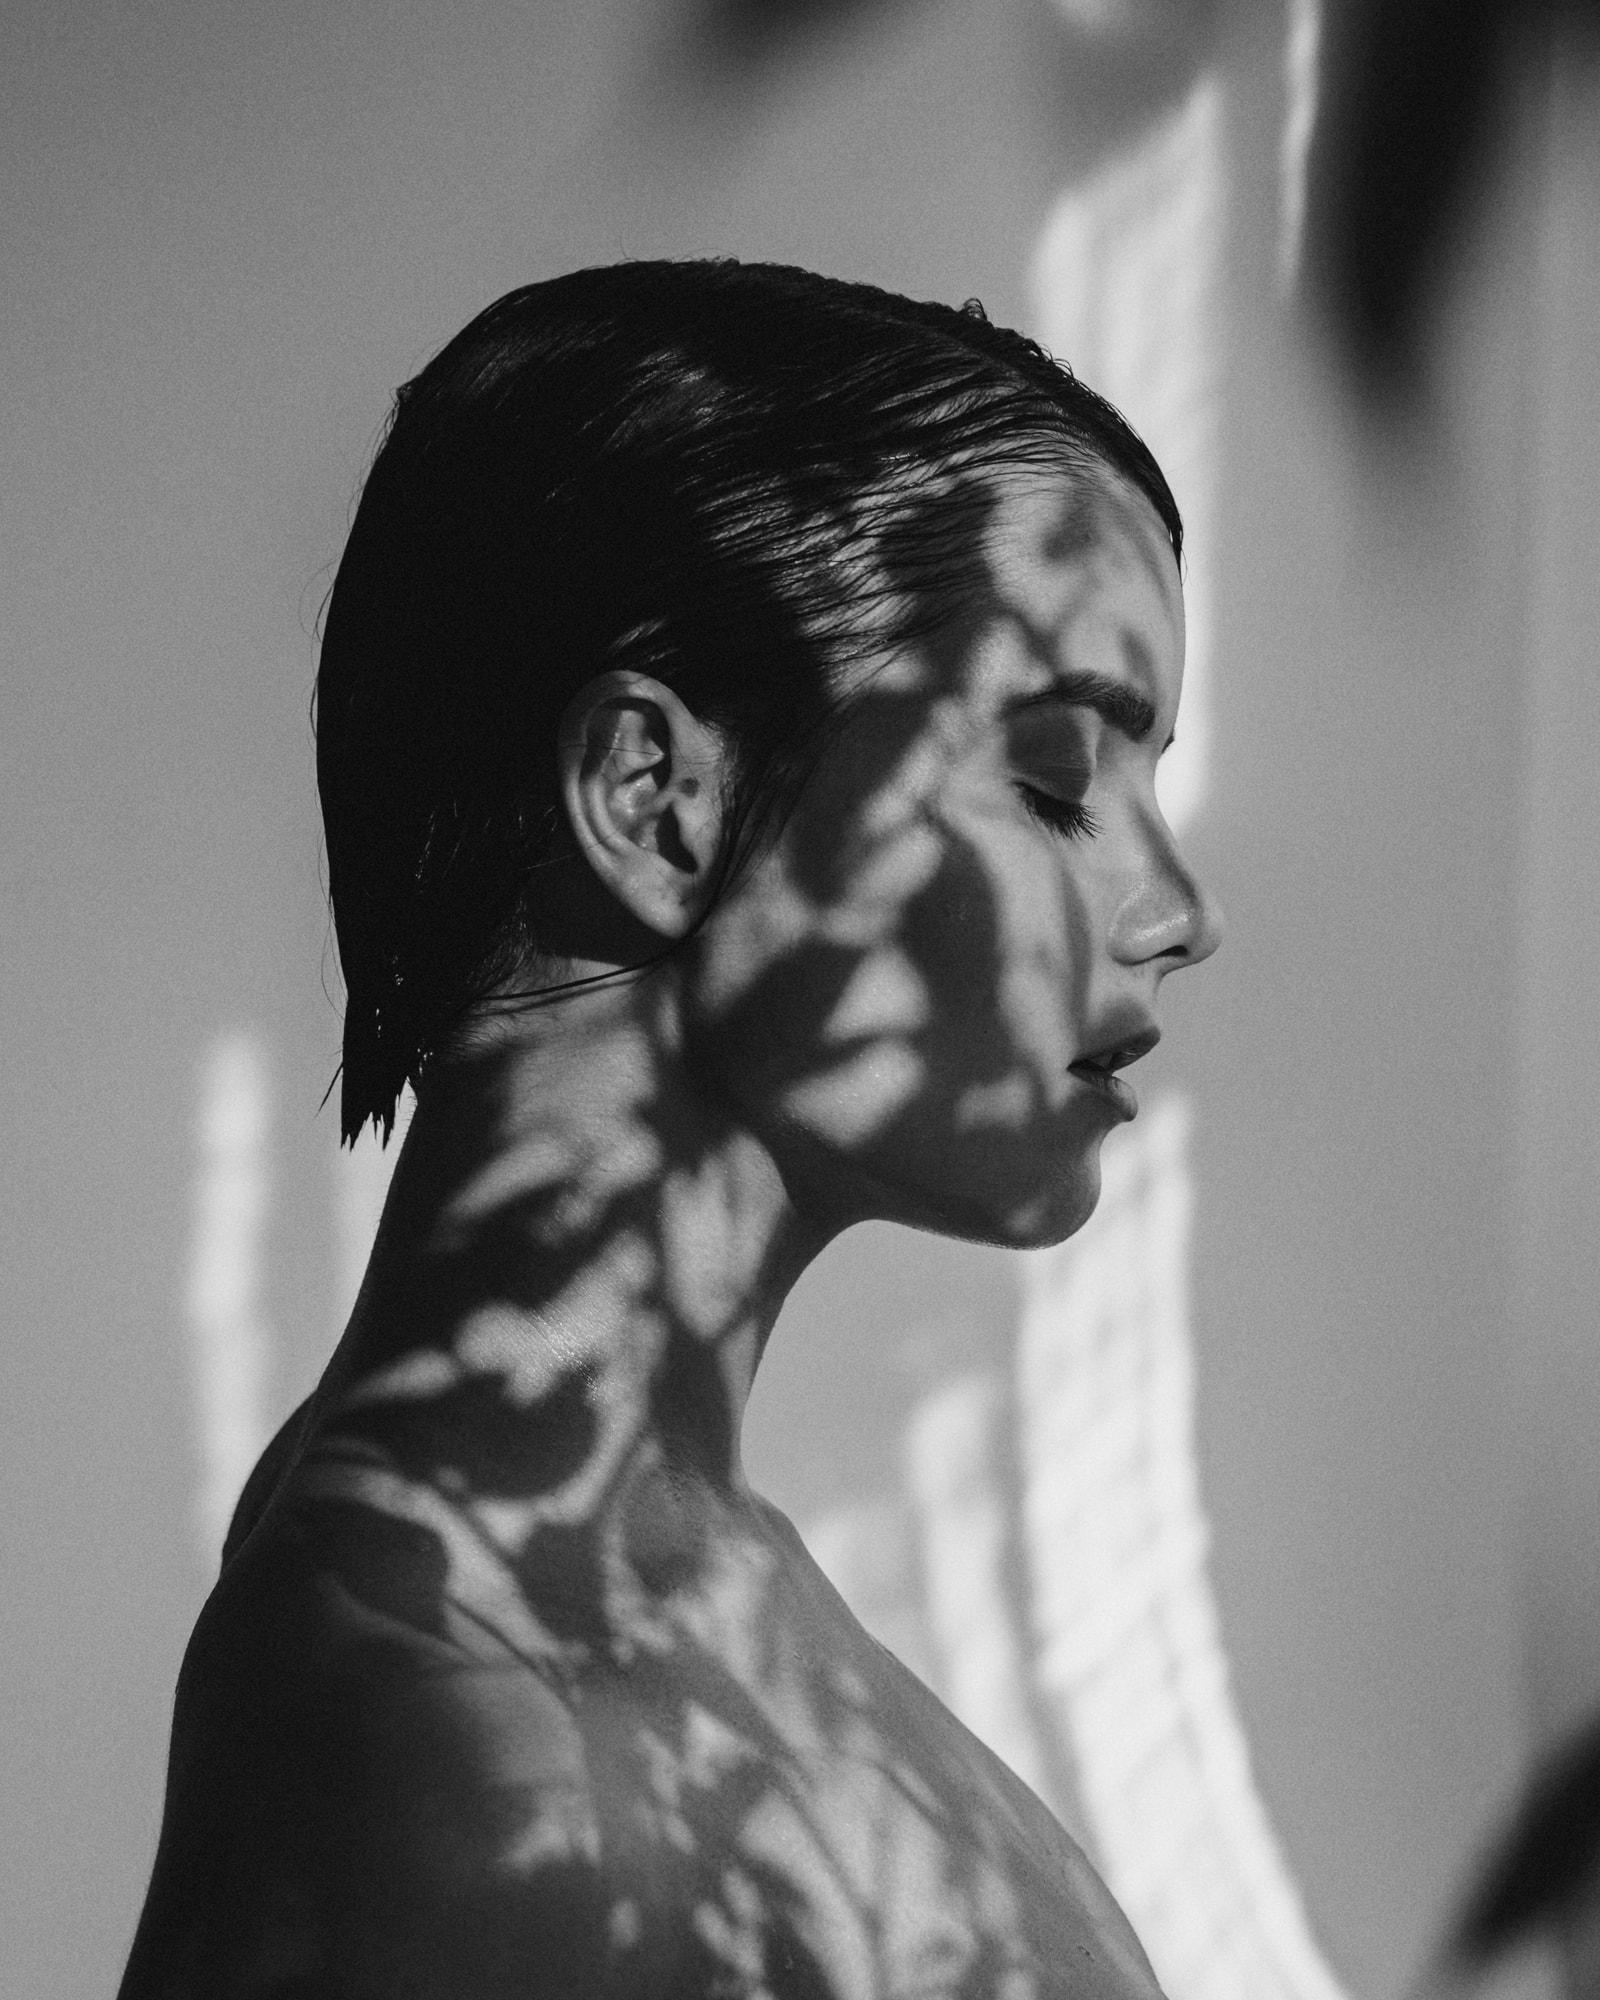 Victoria Sokolova by Anvar Norov